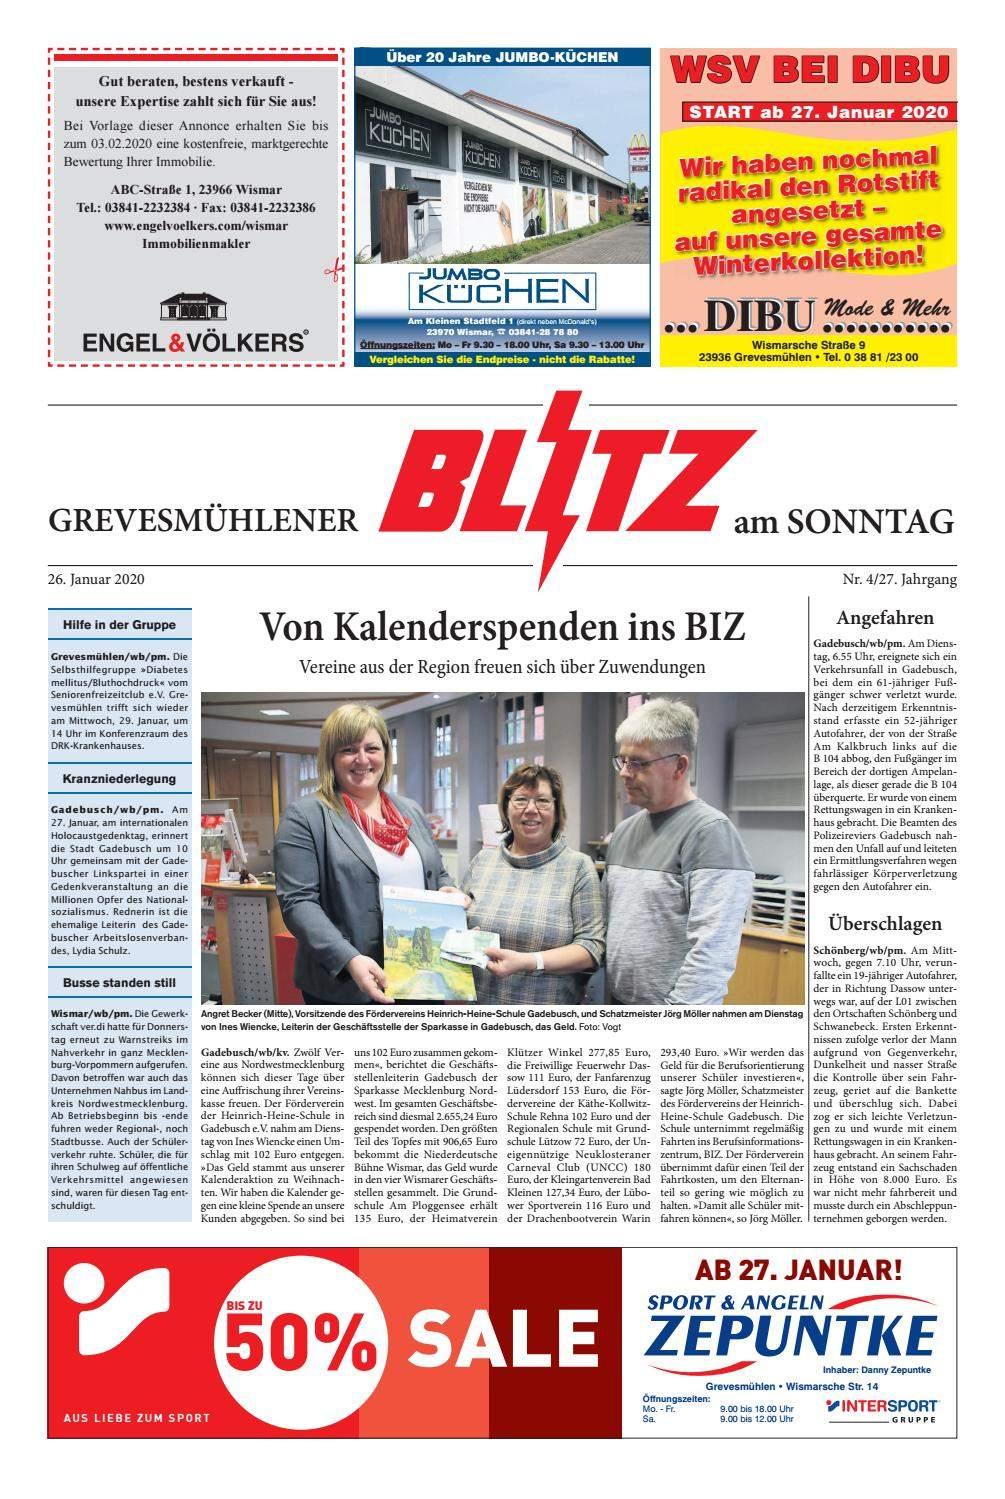 Kinderlärm Im Garten Neu Grevesmühlener Blitz Vom 26 01 2020 by Blitzverlag issuu